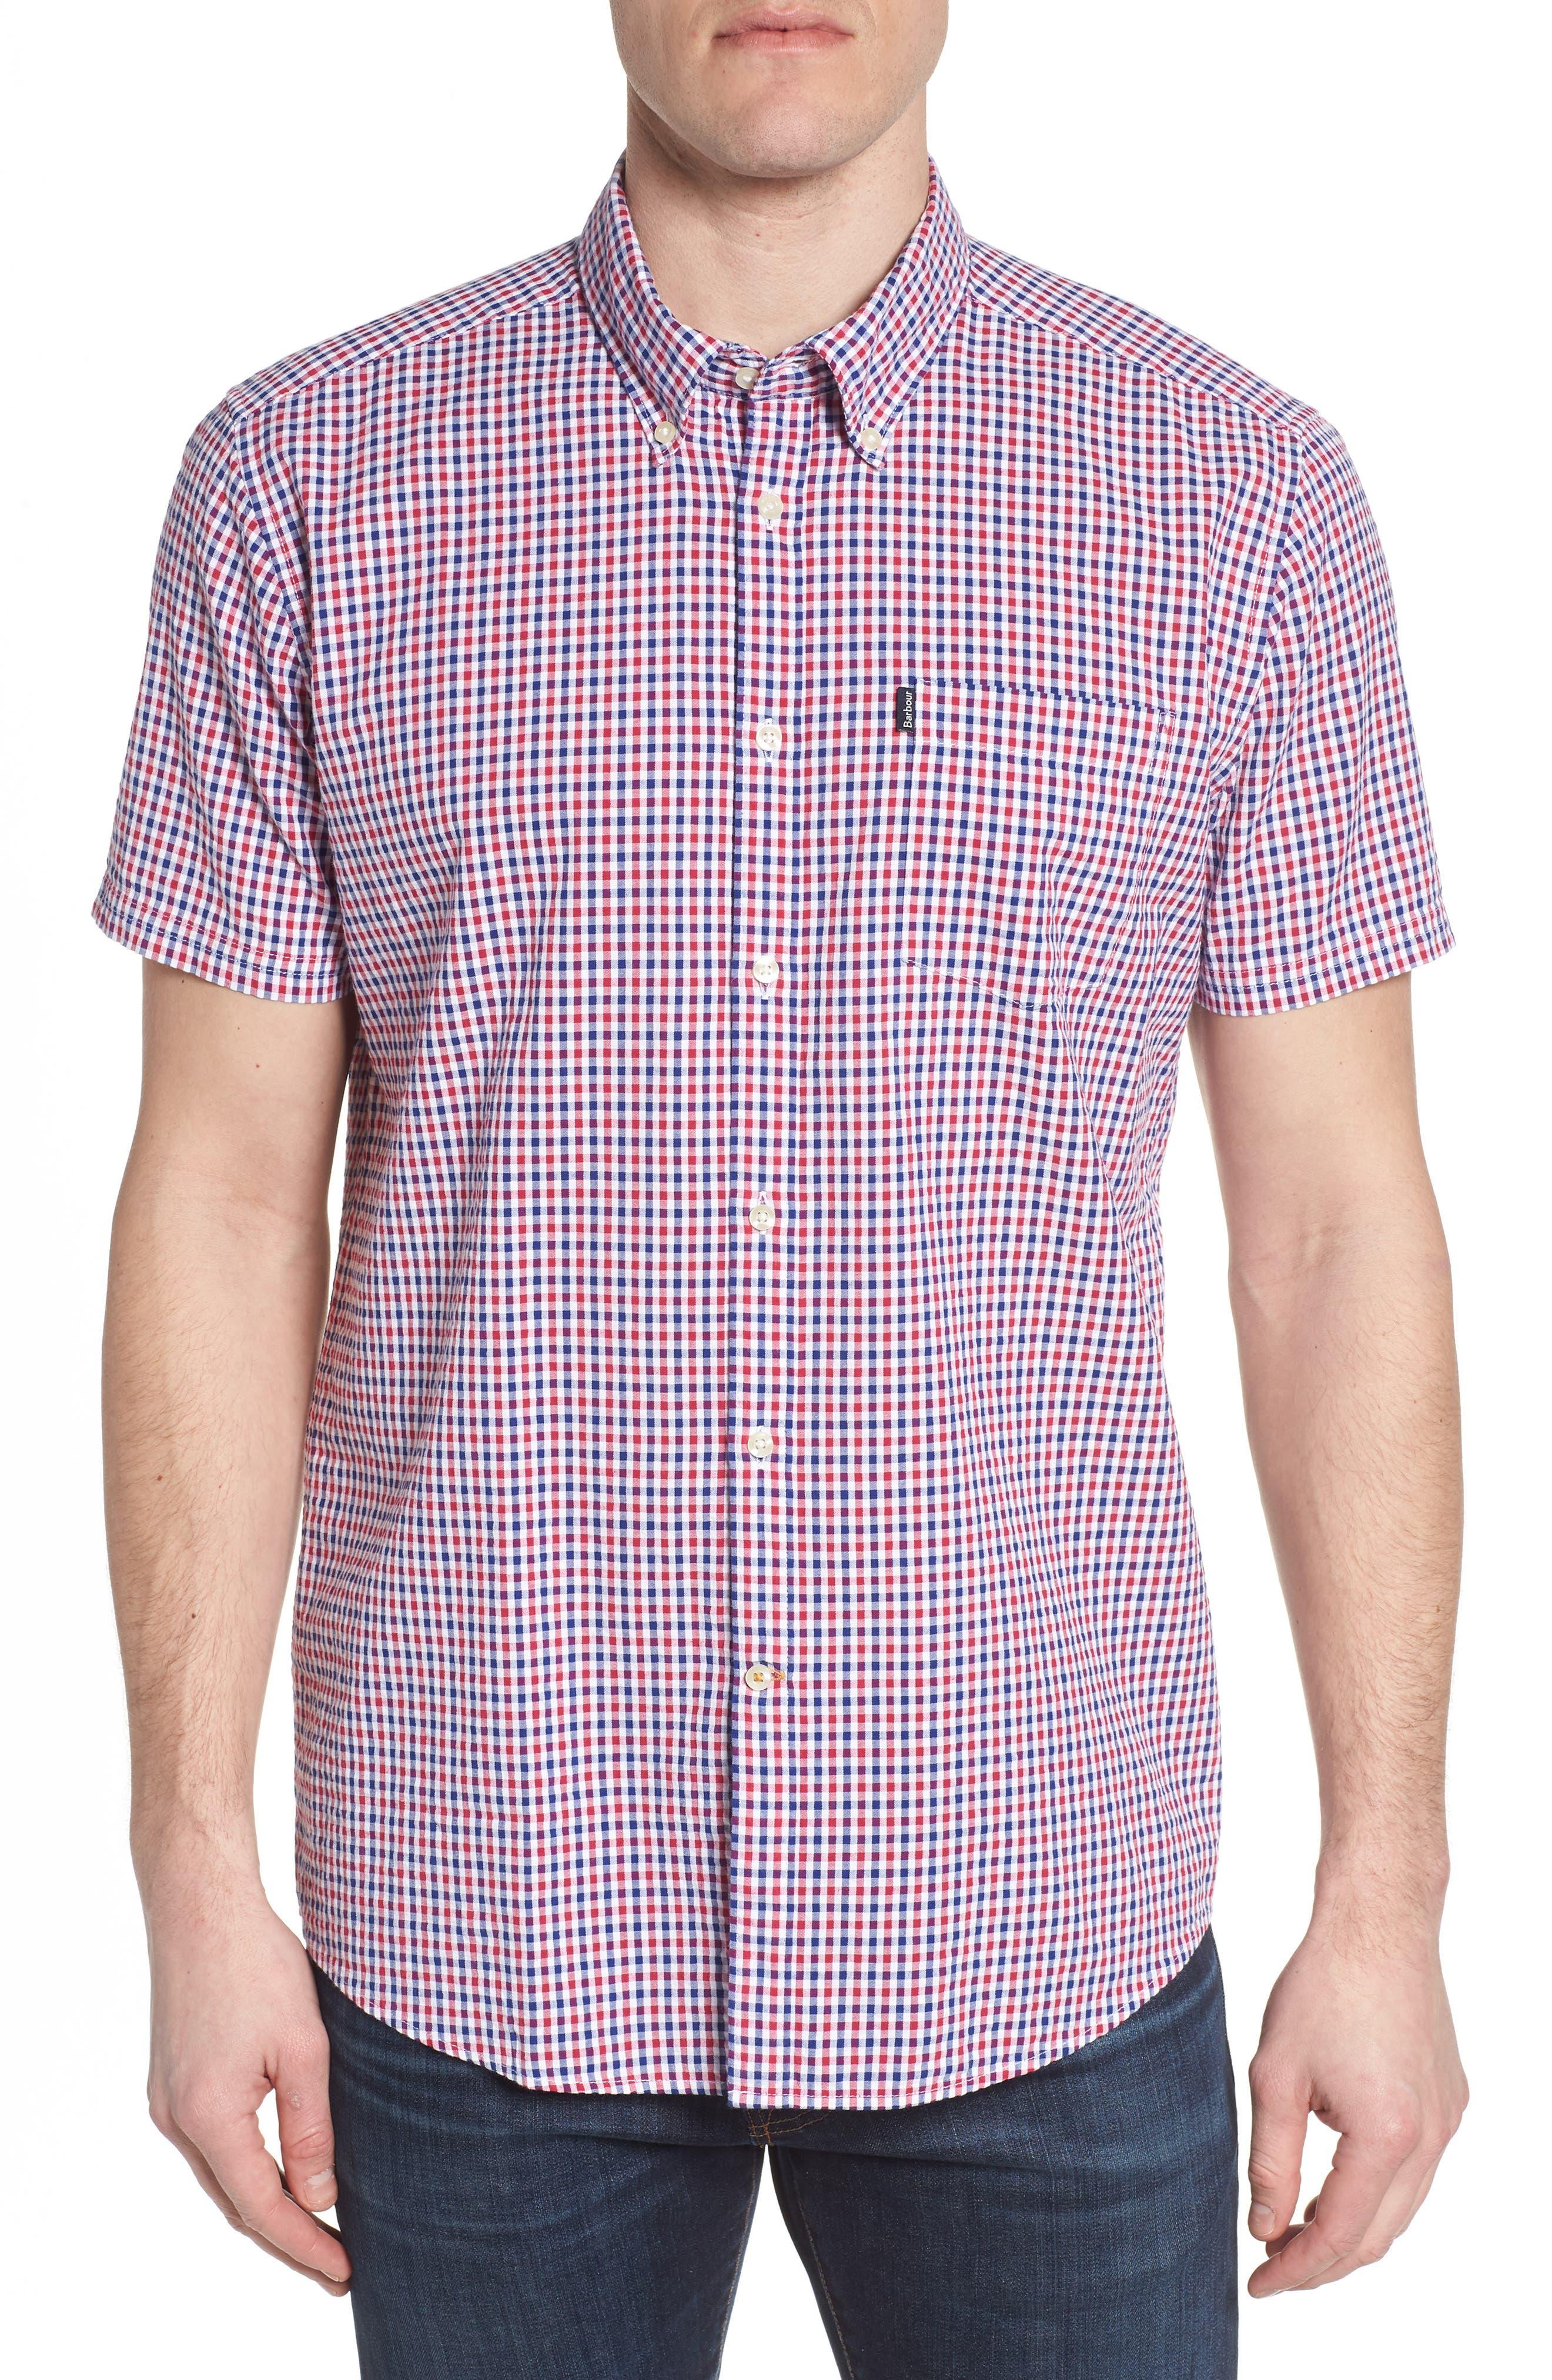 Taylor Regular Fit Check Short Sleeve Sport Shirt,                             Main thumbnail 1, color,                             Navy